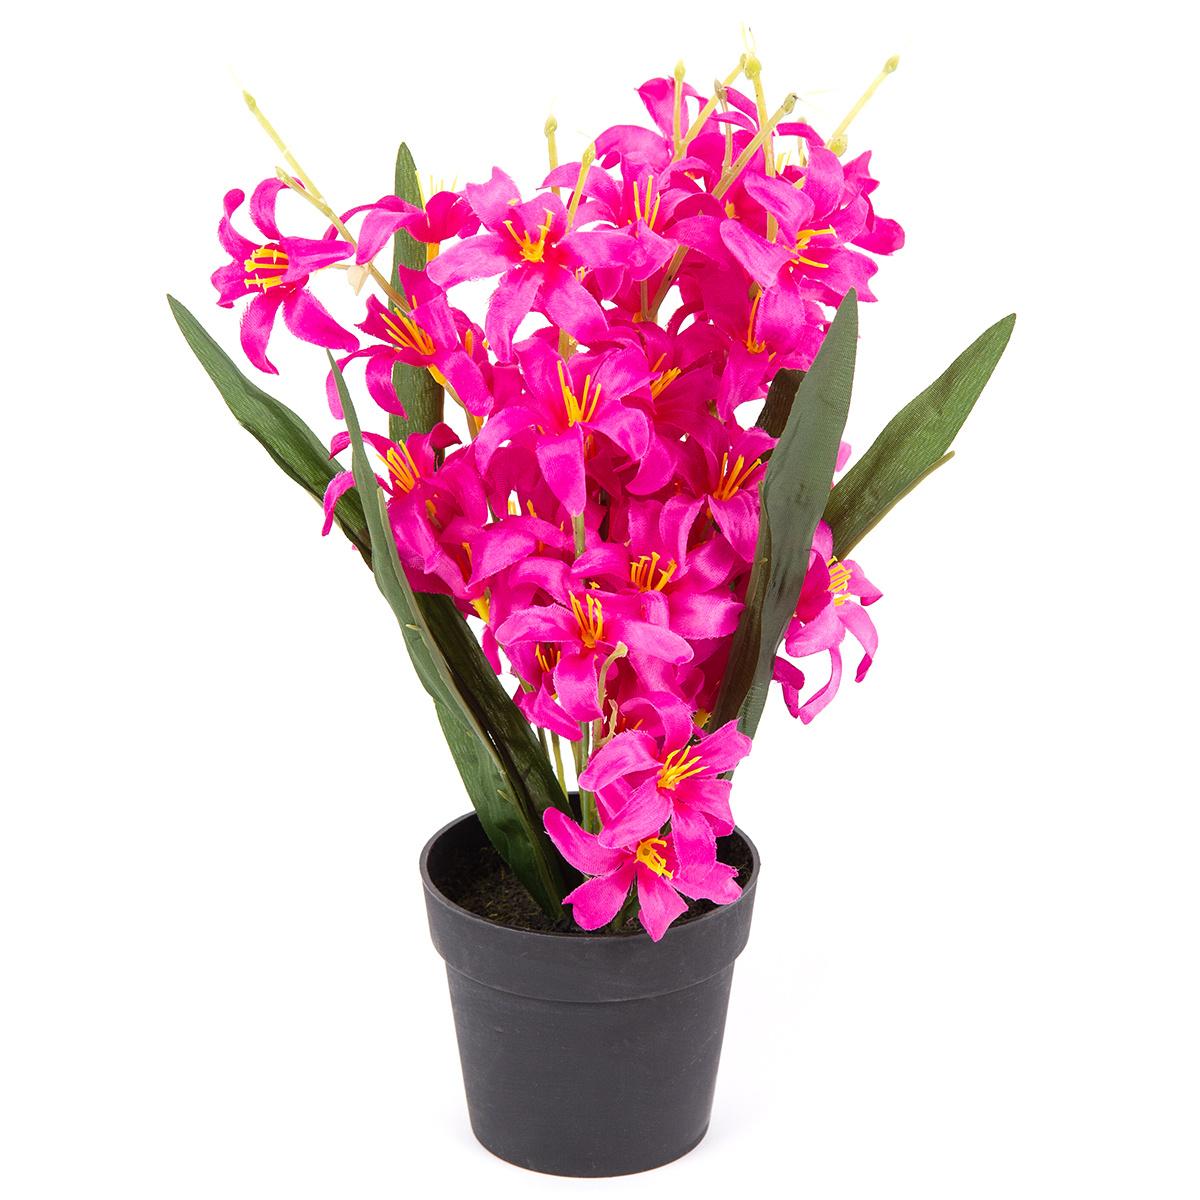 Umělá květina Lilie drobnokvětá v květináči růžová, 30 cm